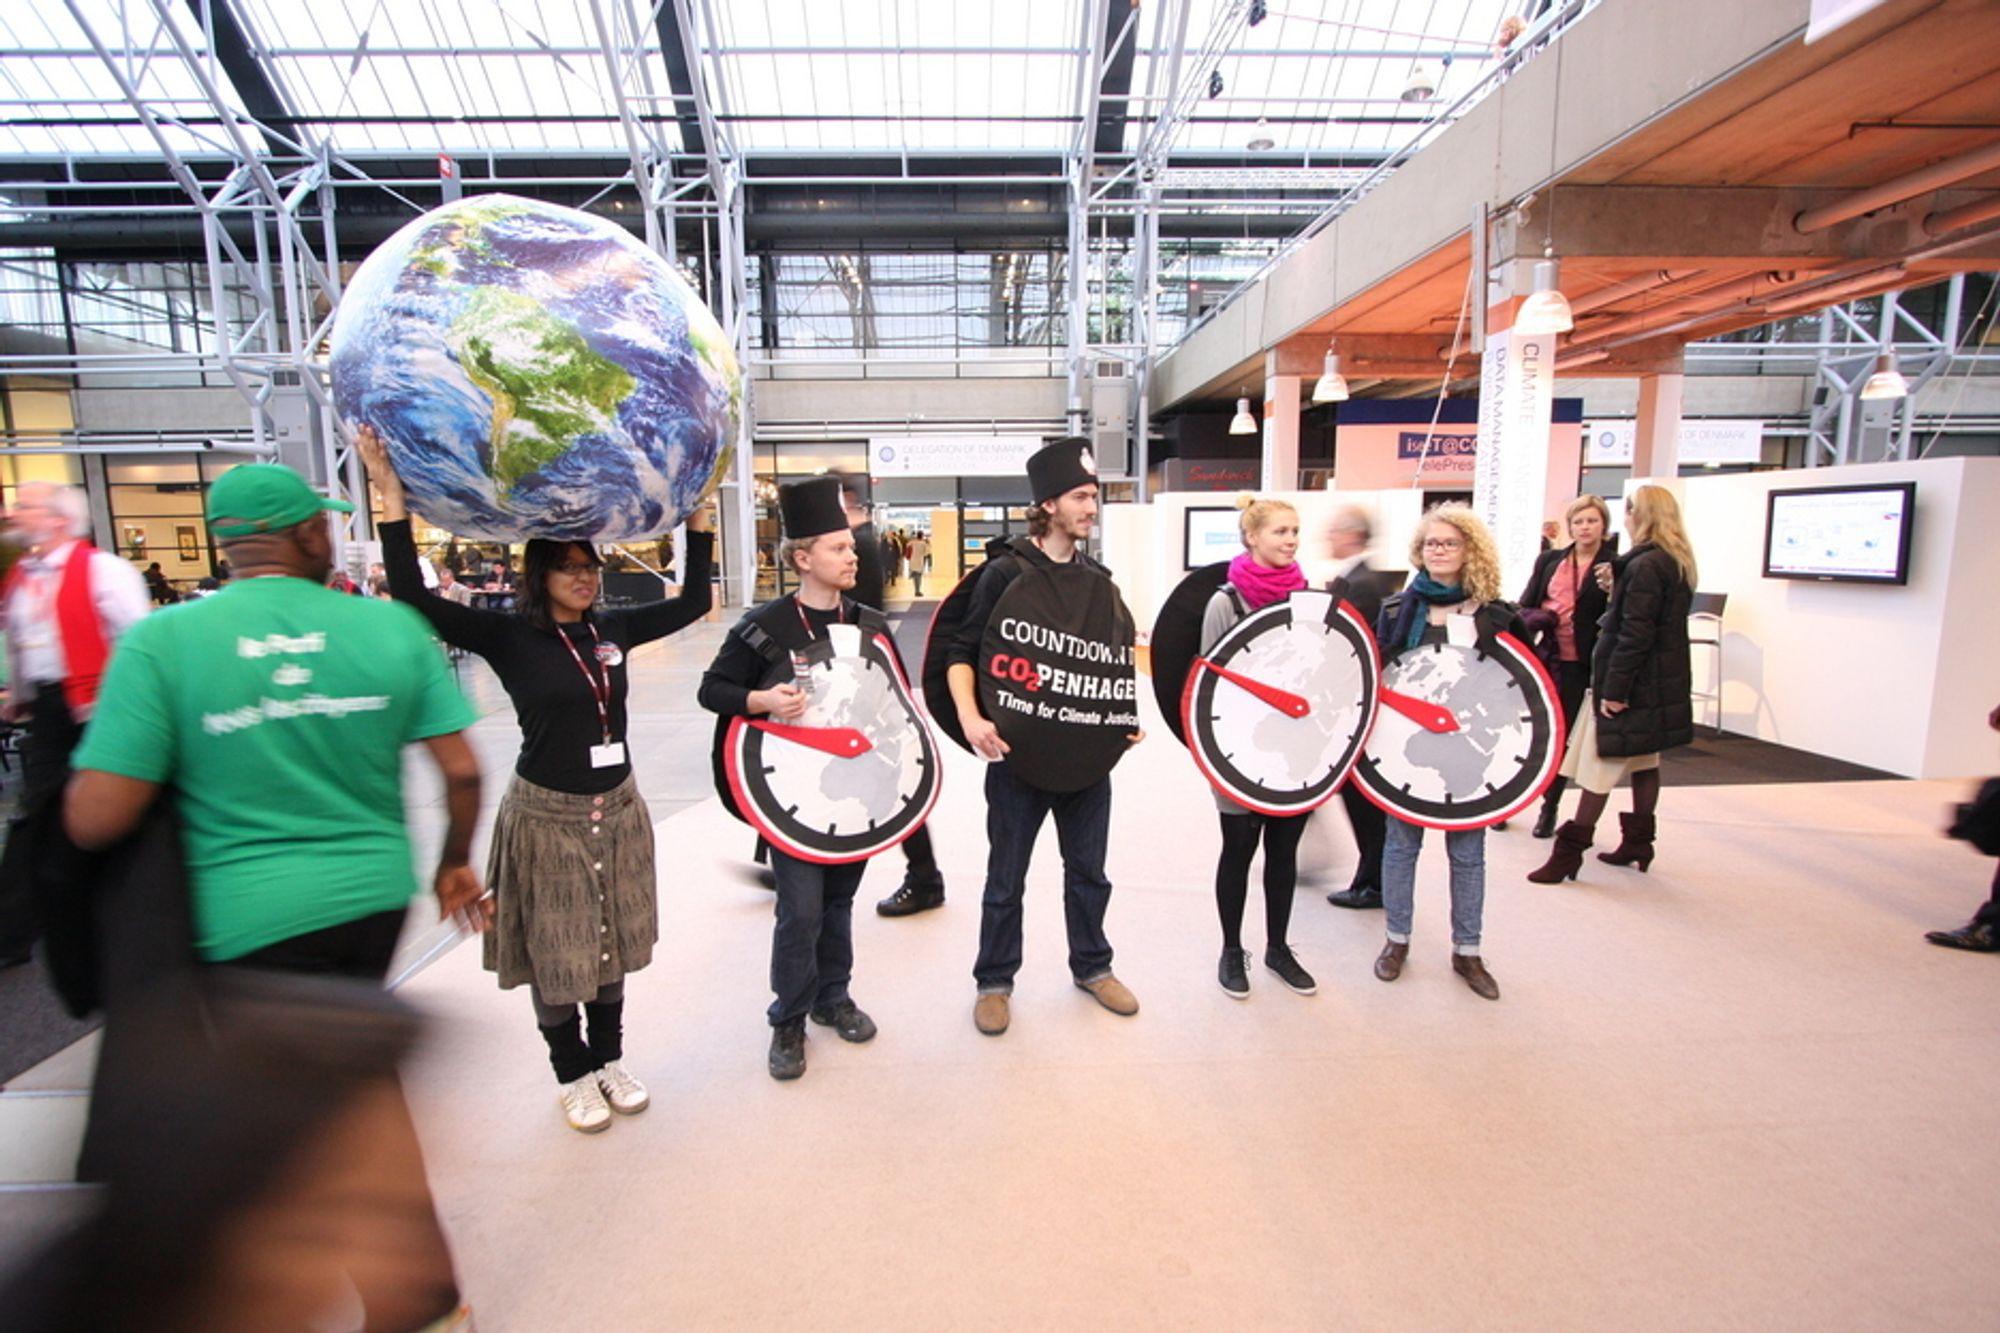 MØTES I LOBBYEN: Her er noen av de mange som prøver å påvirke forhandlingene og skape en rettferdig klimaavtale. Hele to tredjedeler av de 30 000 som står på deltakerlisten til forhandlingene er ikke-statlige representanter.